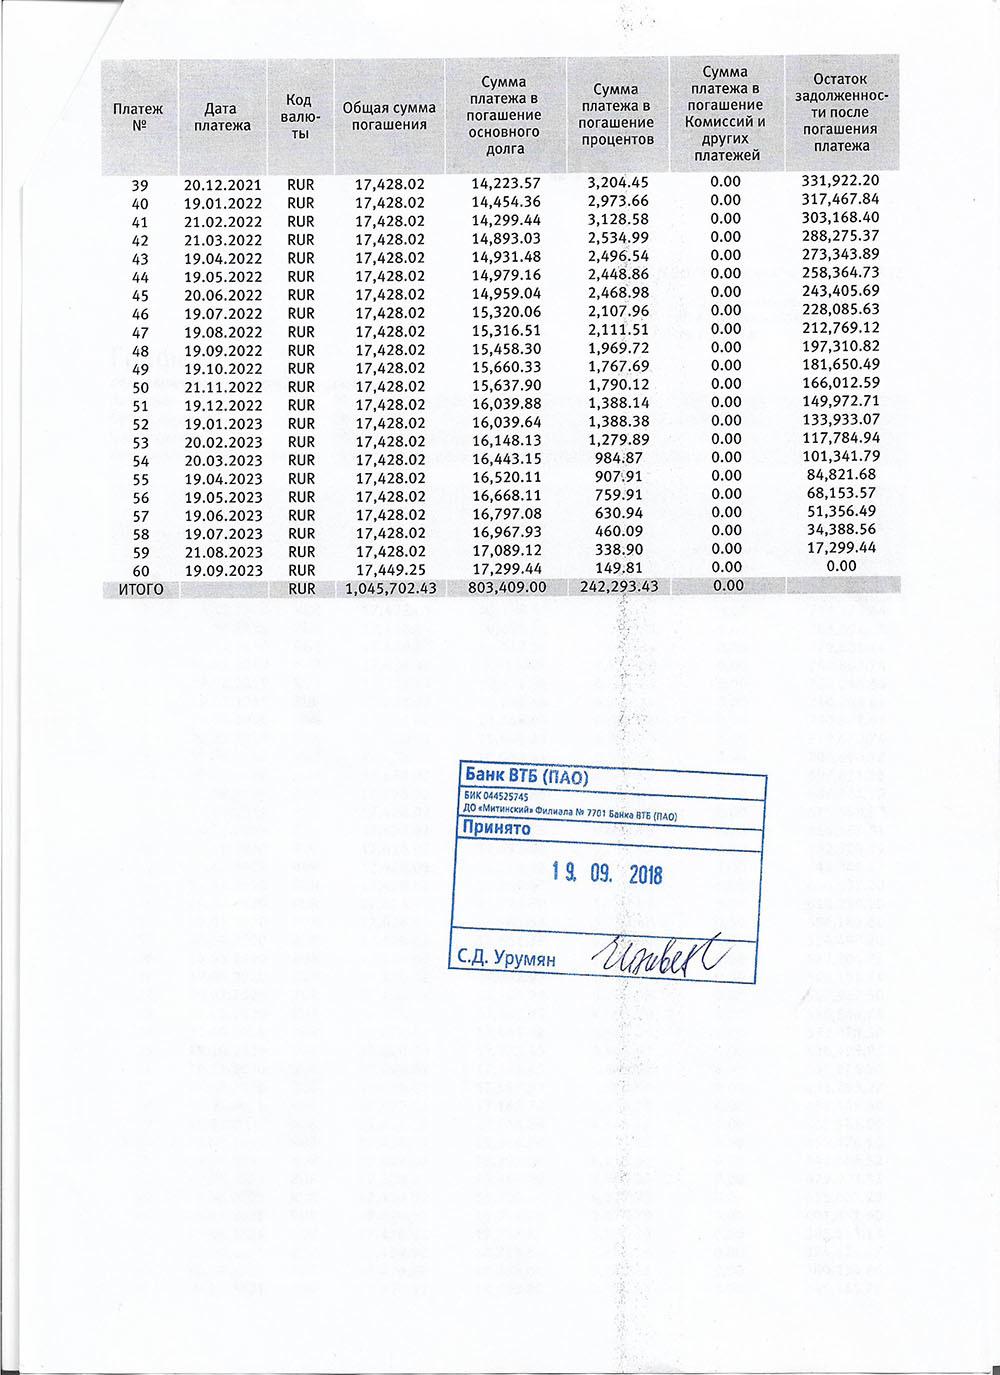 Хоум кредит смоленск телефон гагарина